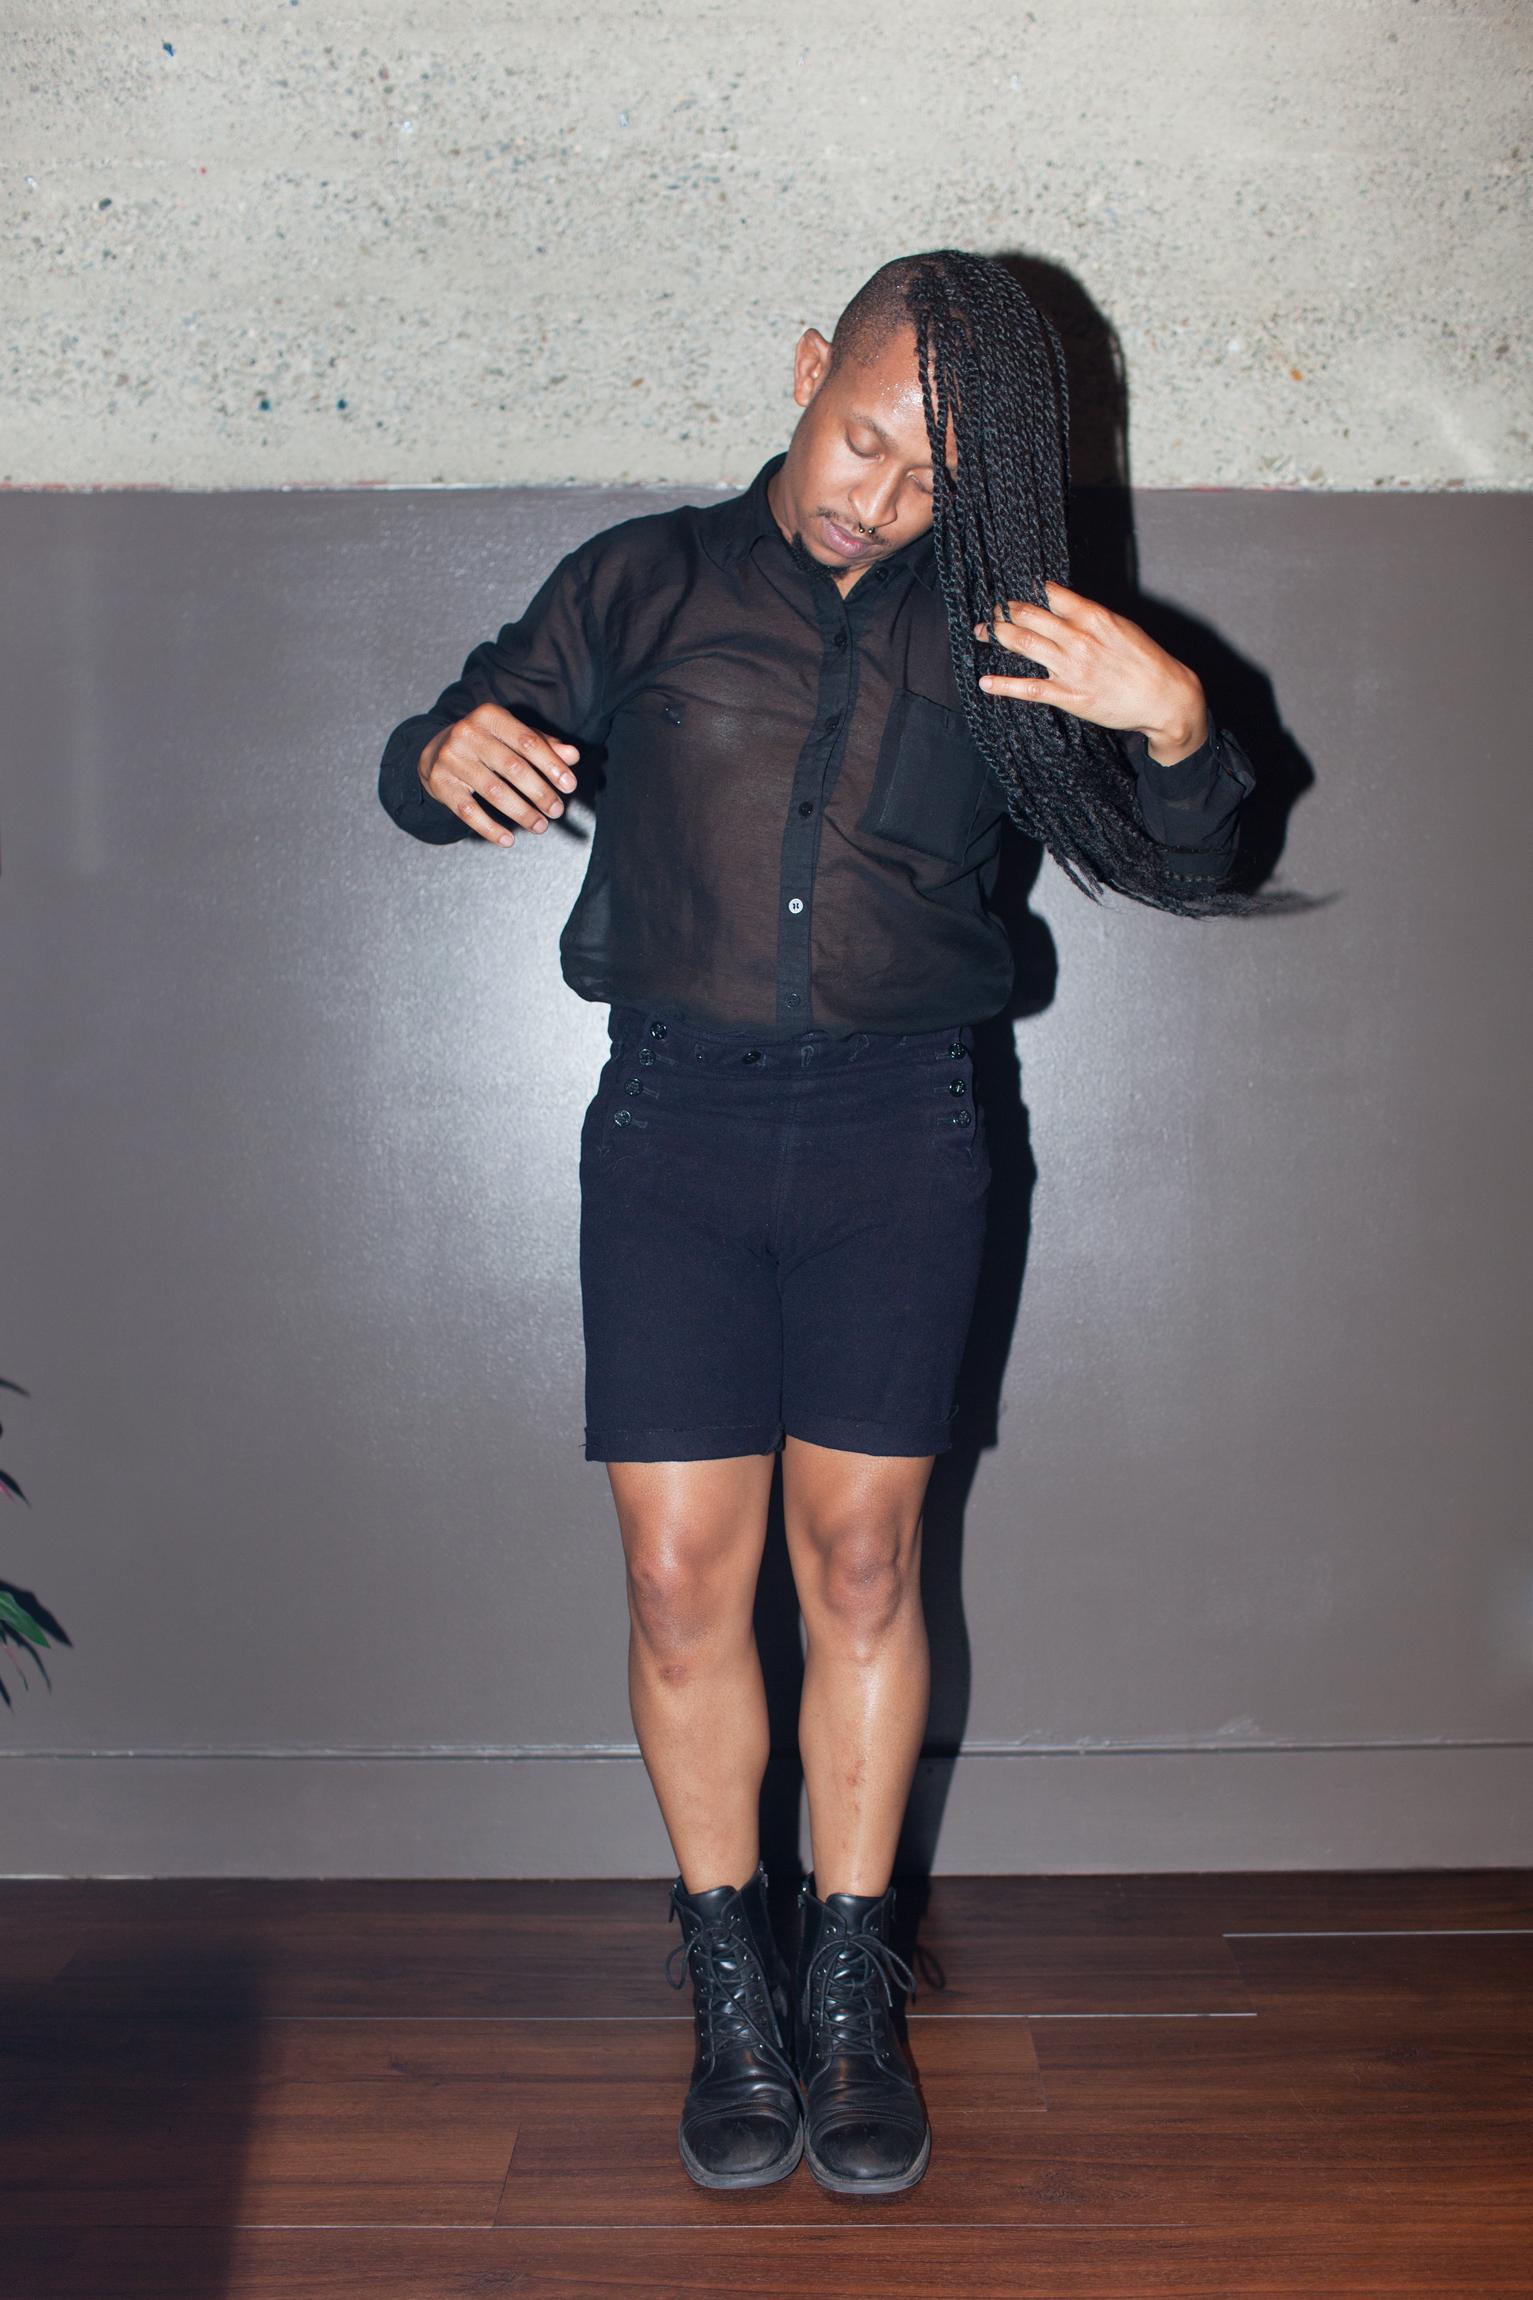 Dancer / performer Jocquese